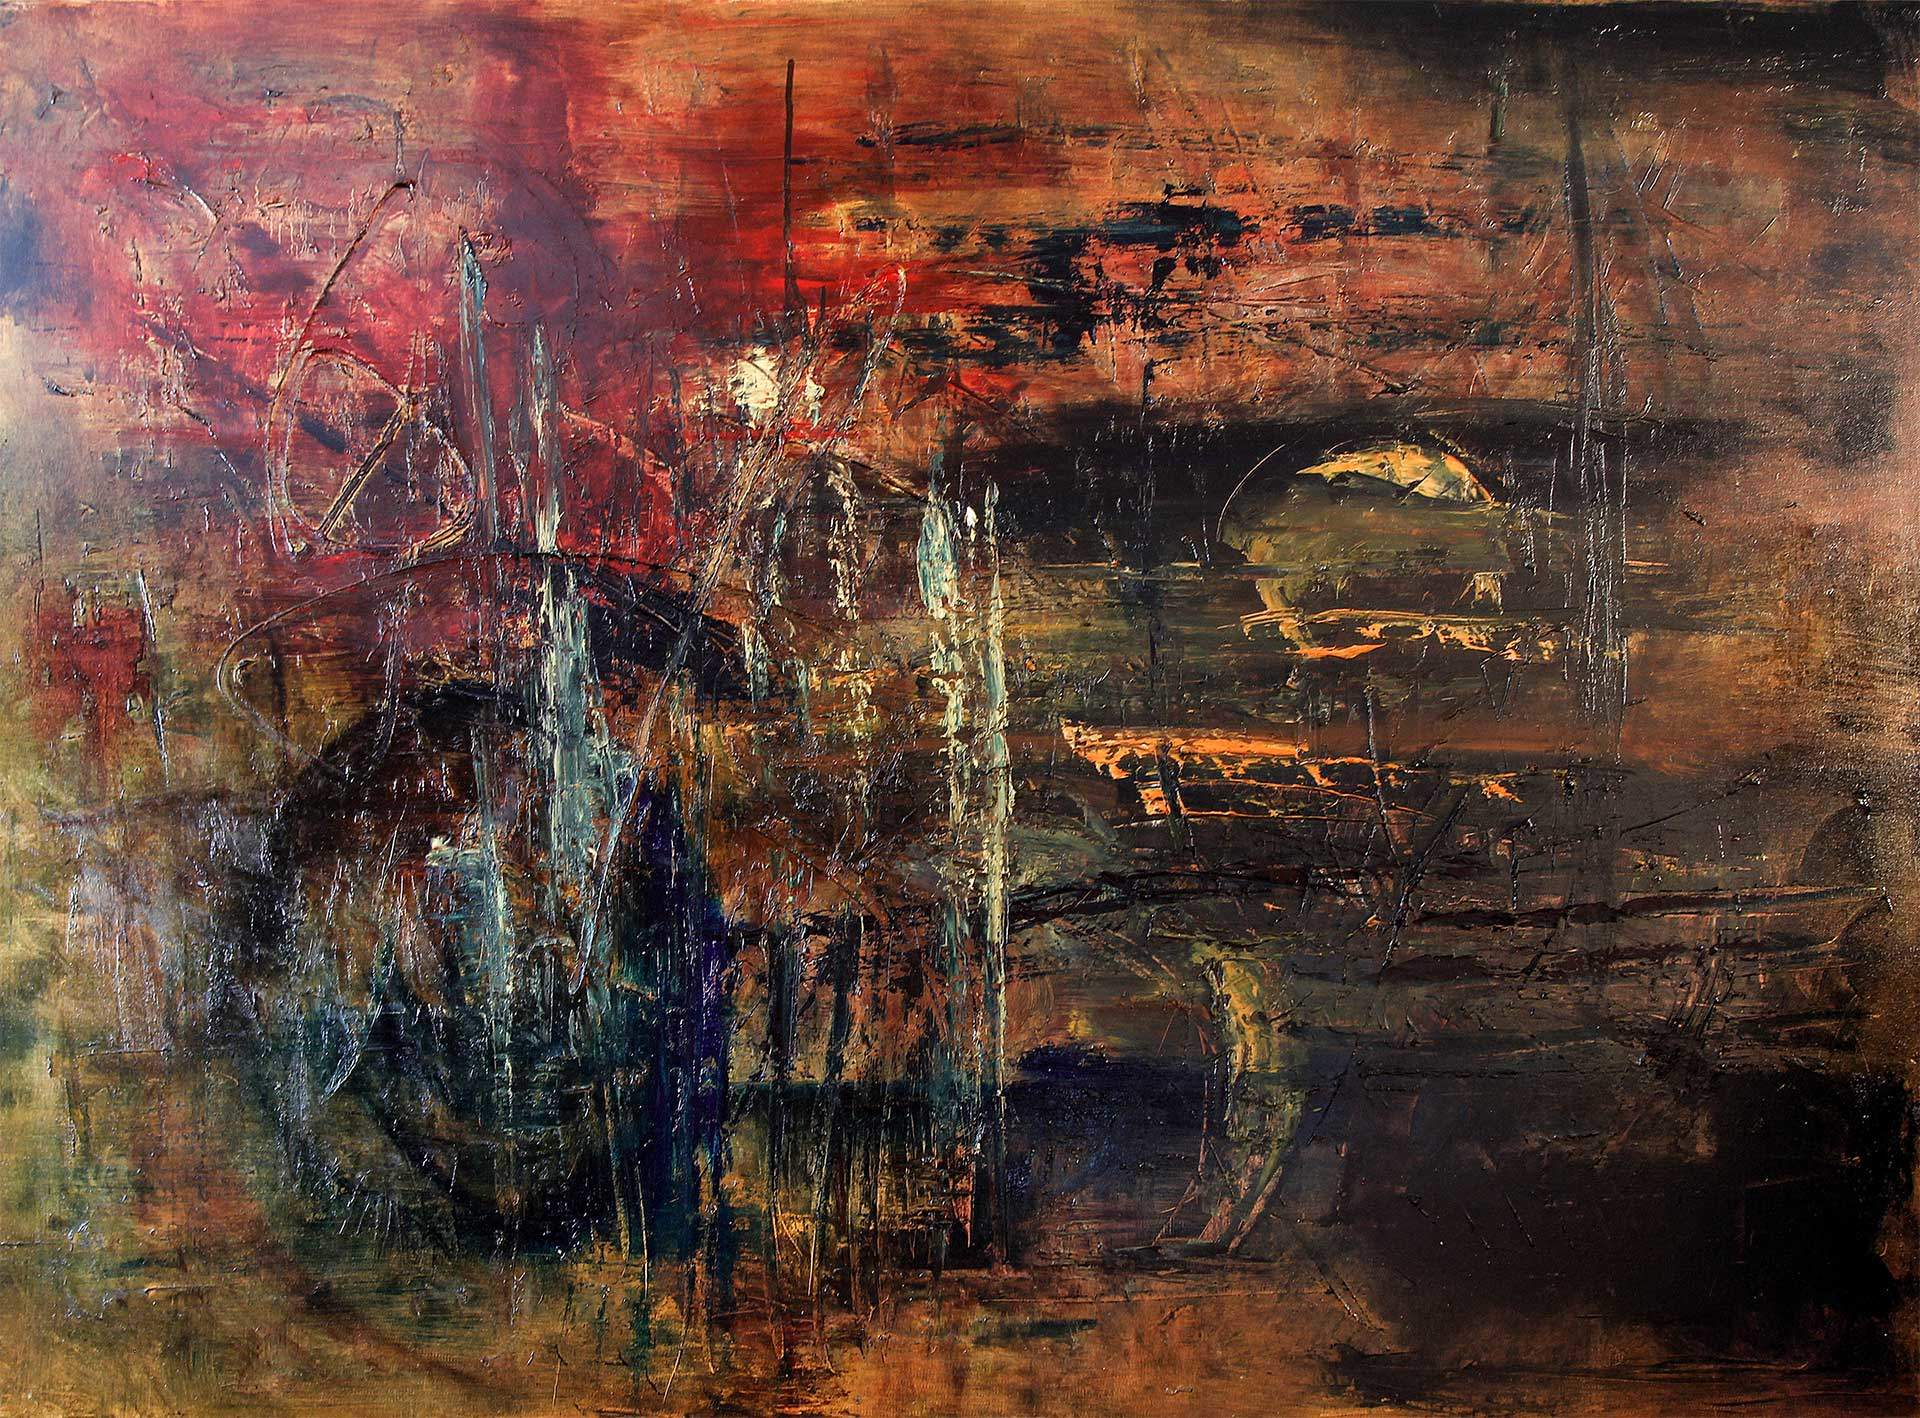 L'Arsenic, une peinture de Jean-Jacques Waldispuhl